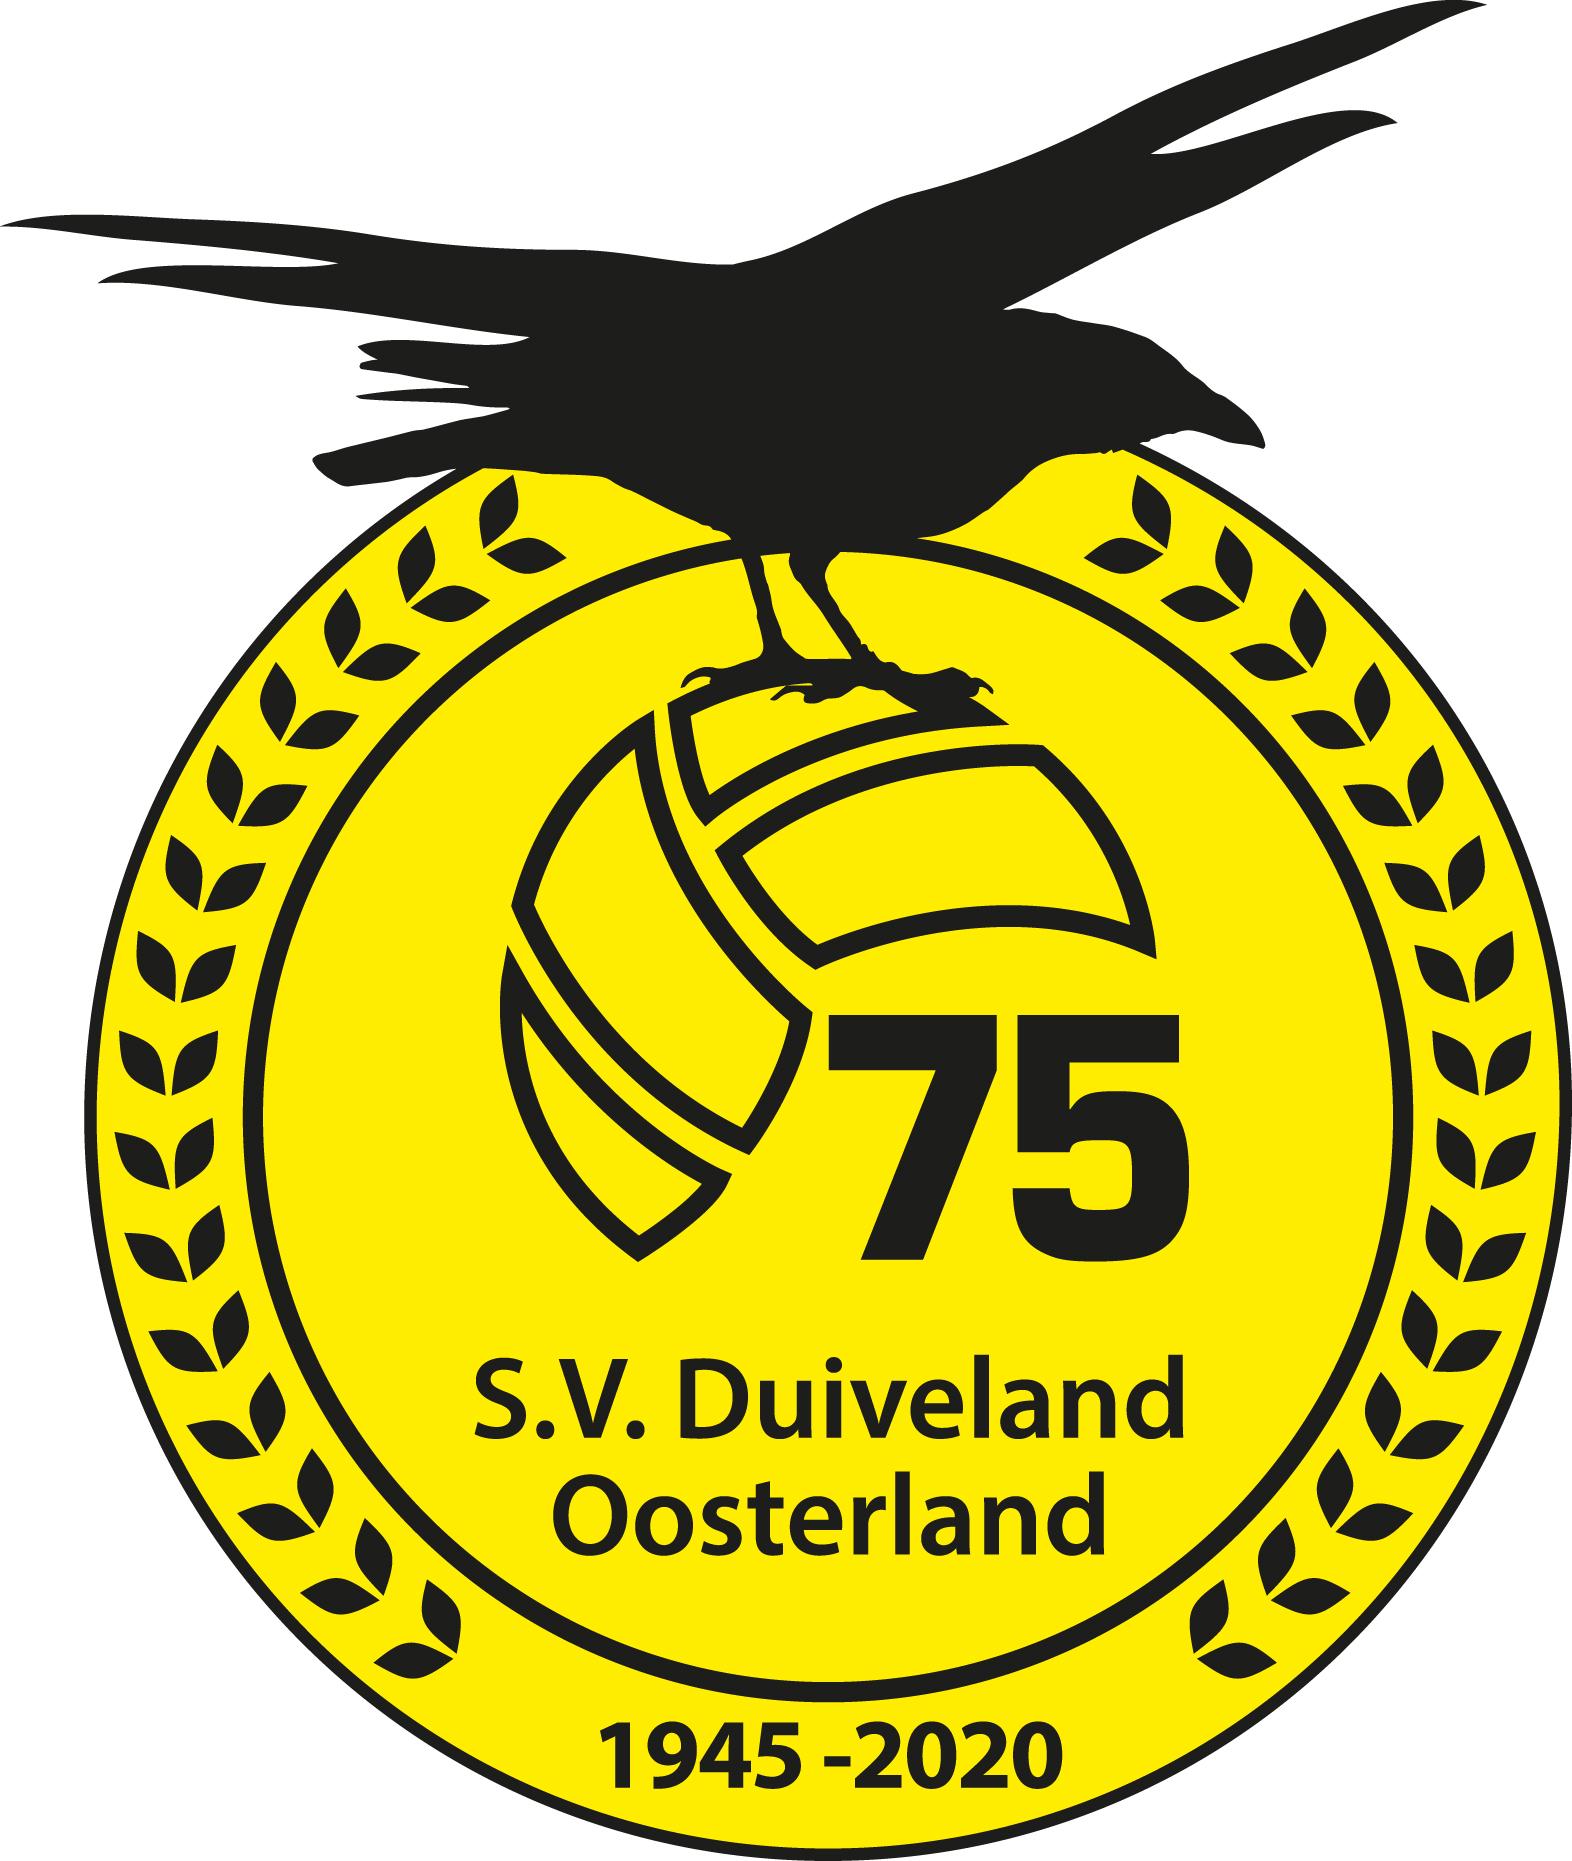 Wedstrijden Duiveland 2 en Duiveland 3 gaan door! UPDATE 2